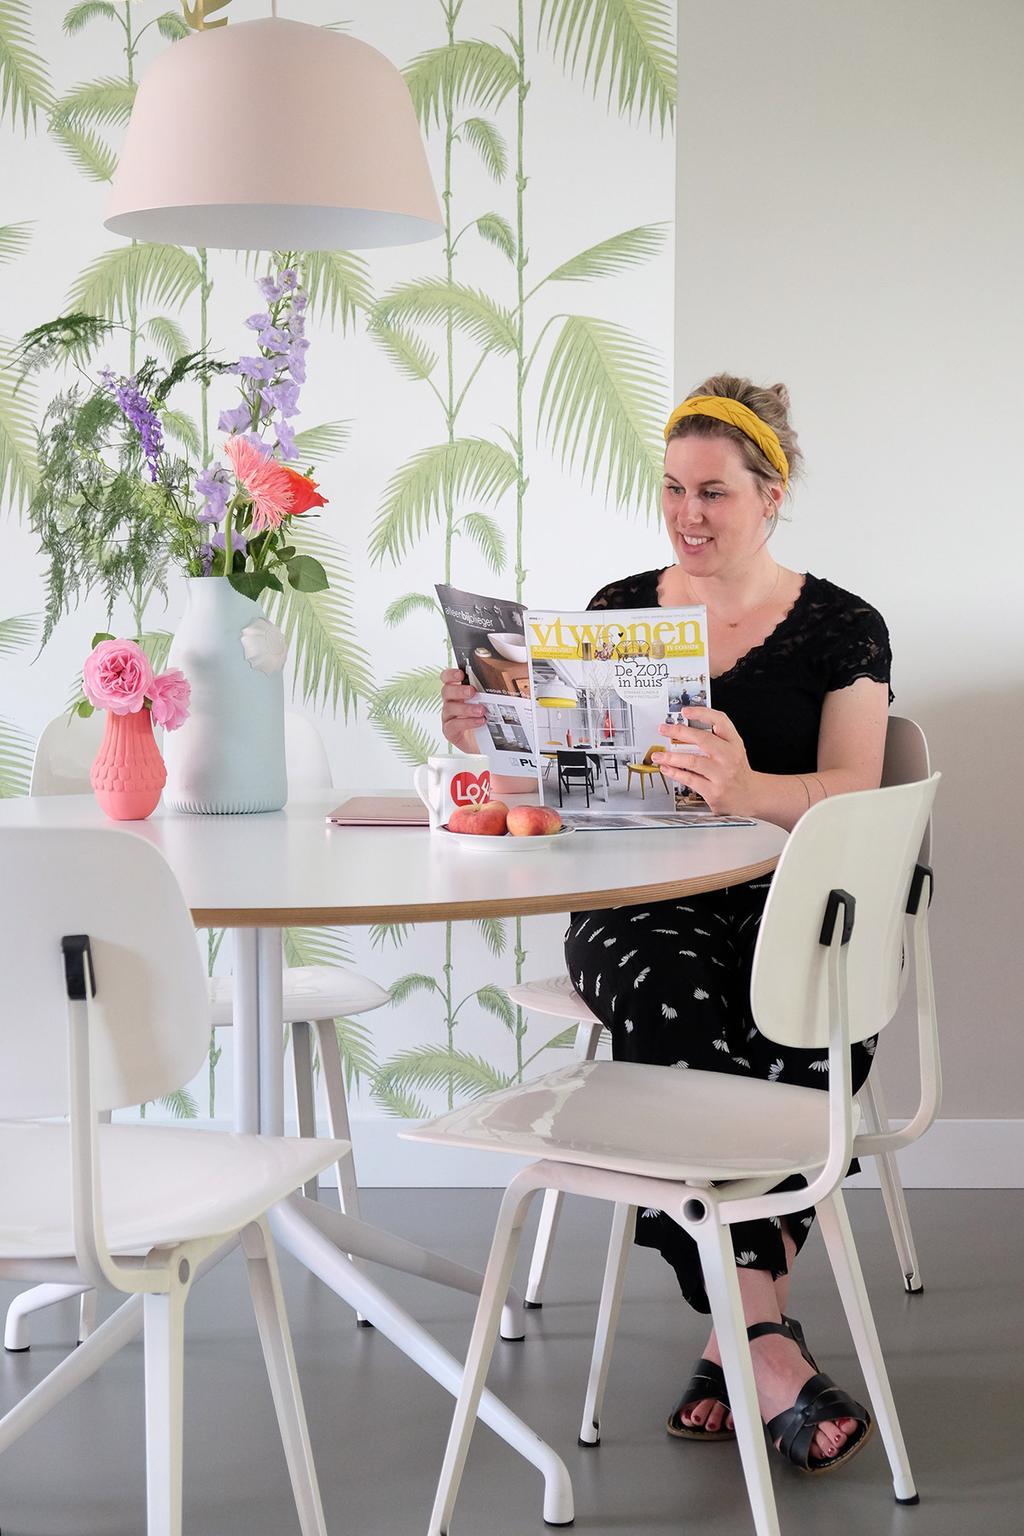 Jessica van PRCHTG aan de eettafel met een vtwonen magazine